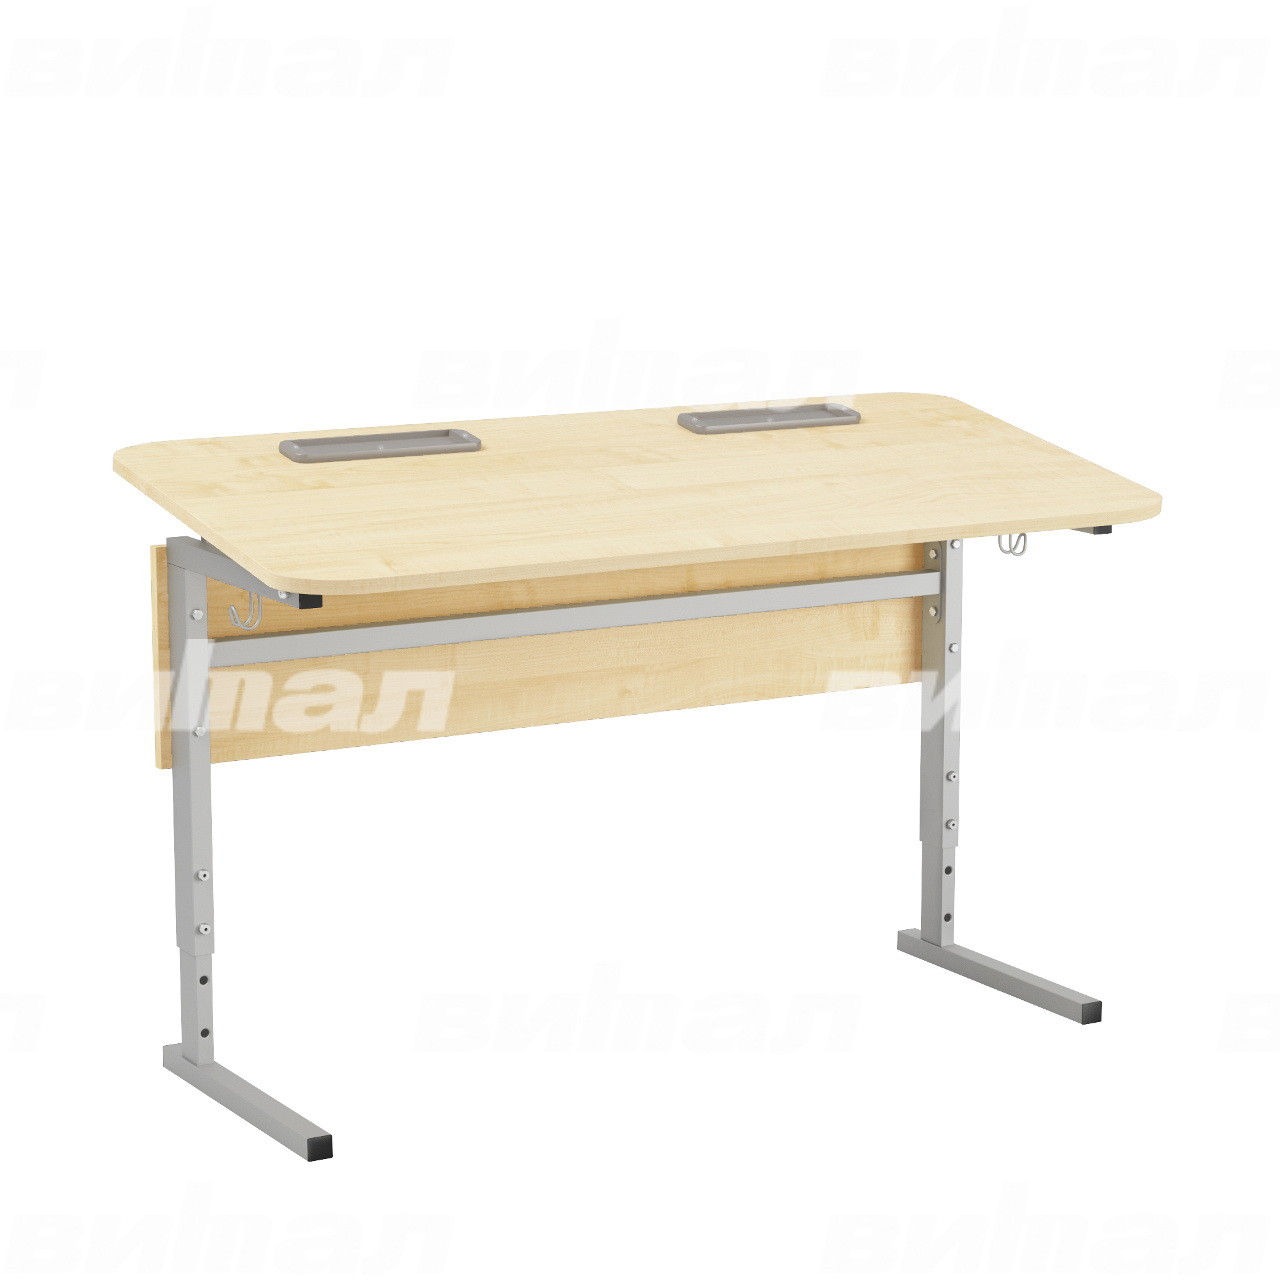 Стол 2-местный регулир. высота и наклон столешницы 0-10° (гр 2-4, 3-5 или 4-6) серый Клен 3-5 Меламин прямоугольная